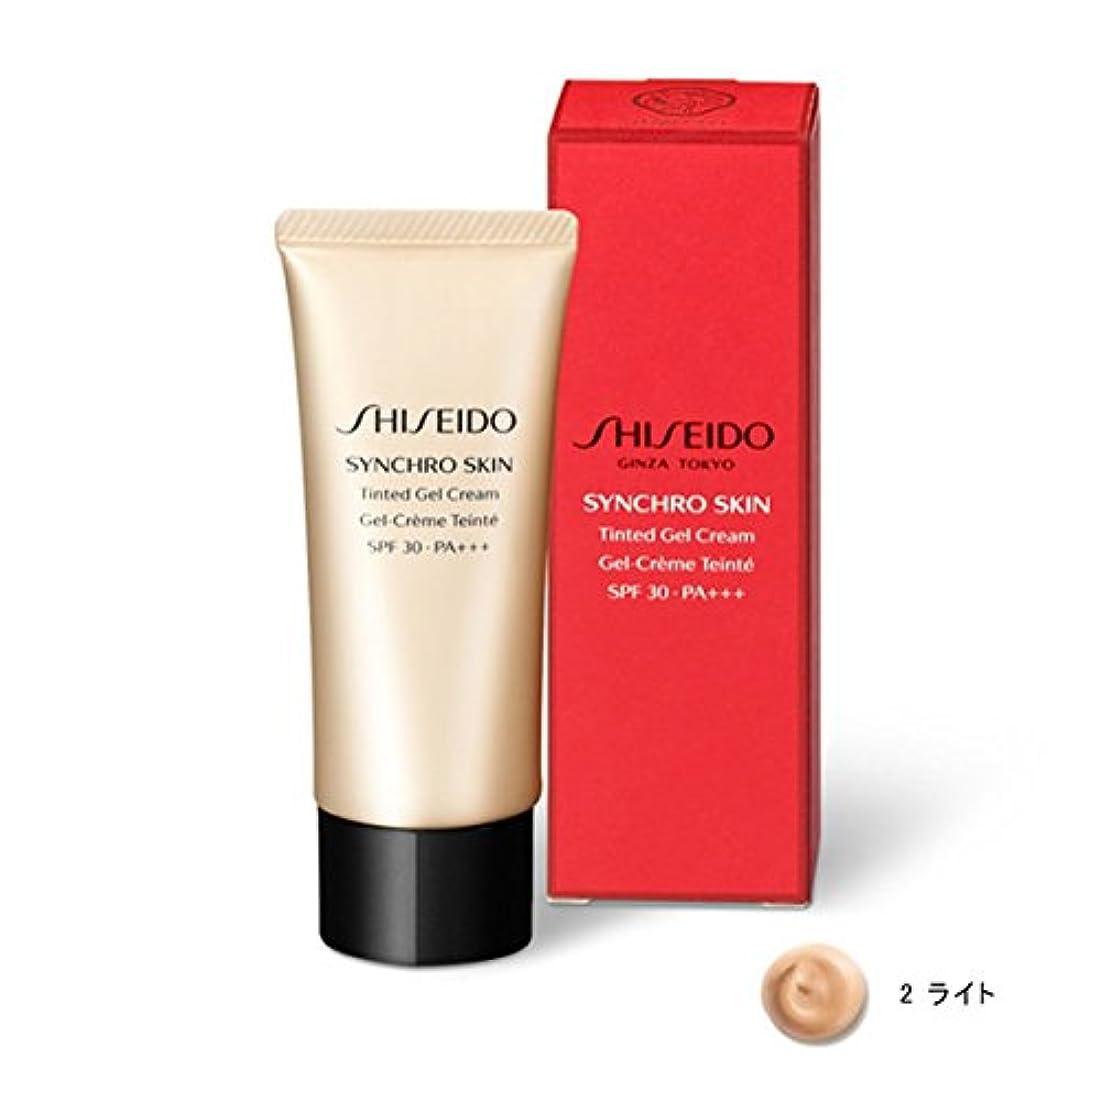 やる過敏な貼り直すSHISEIDO Makeup(資生堂 メーキャップ) SHISEIDO(資生堂) シンクロスキン ティンティッド ジェルクリーム (2 ライト)